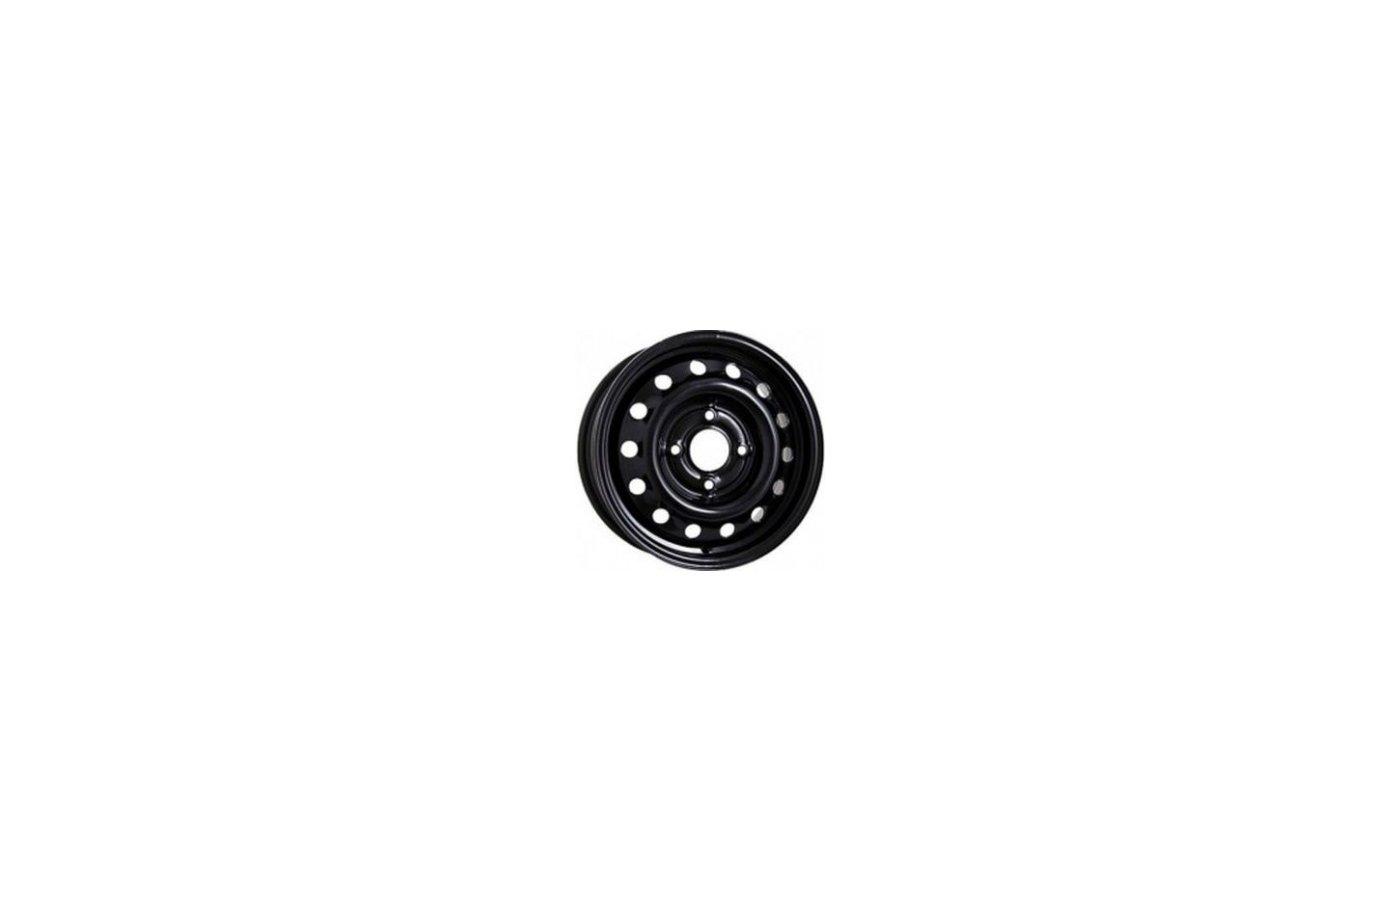 Диск Trebl 9922 6.5x16/5x112 D57.1 ET33 Black